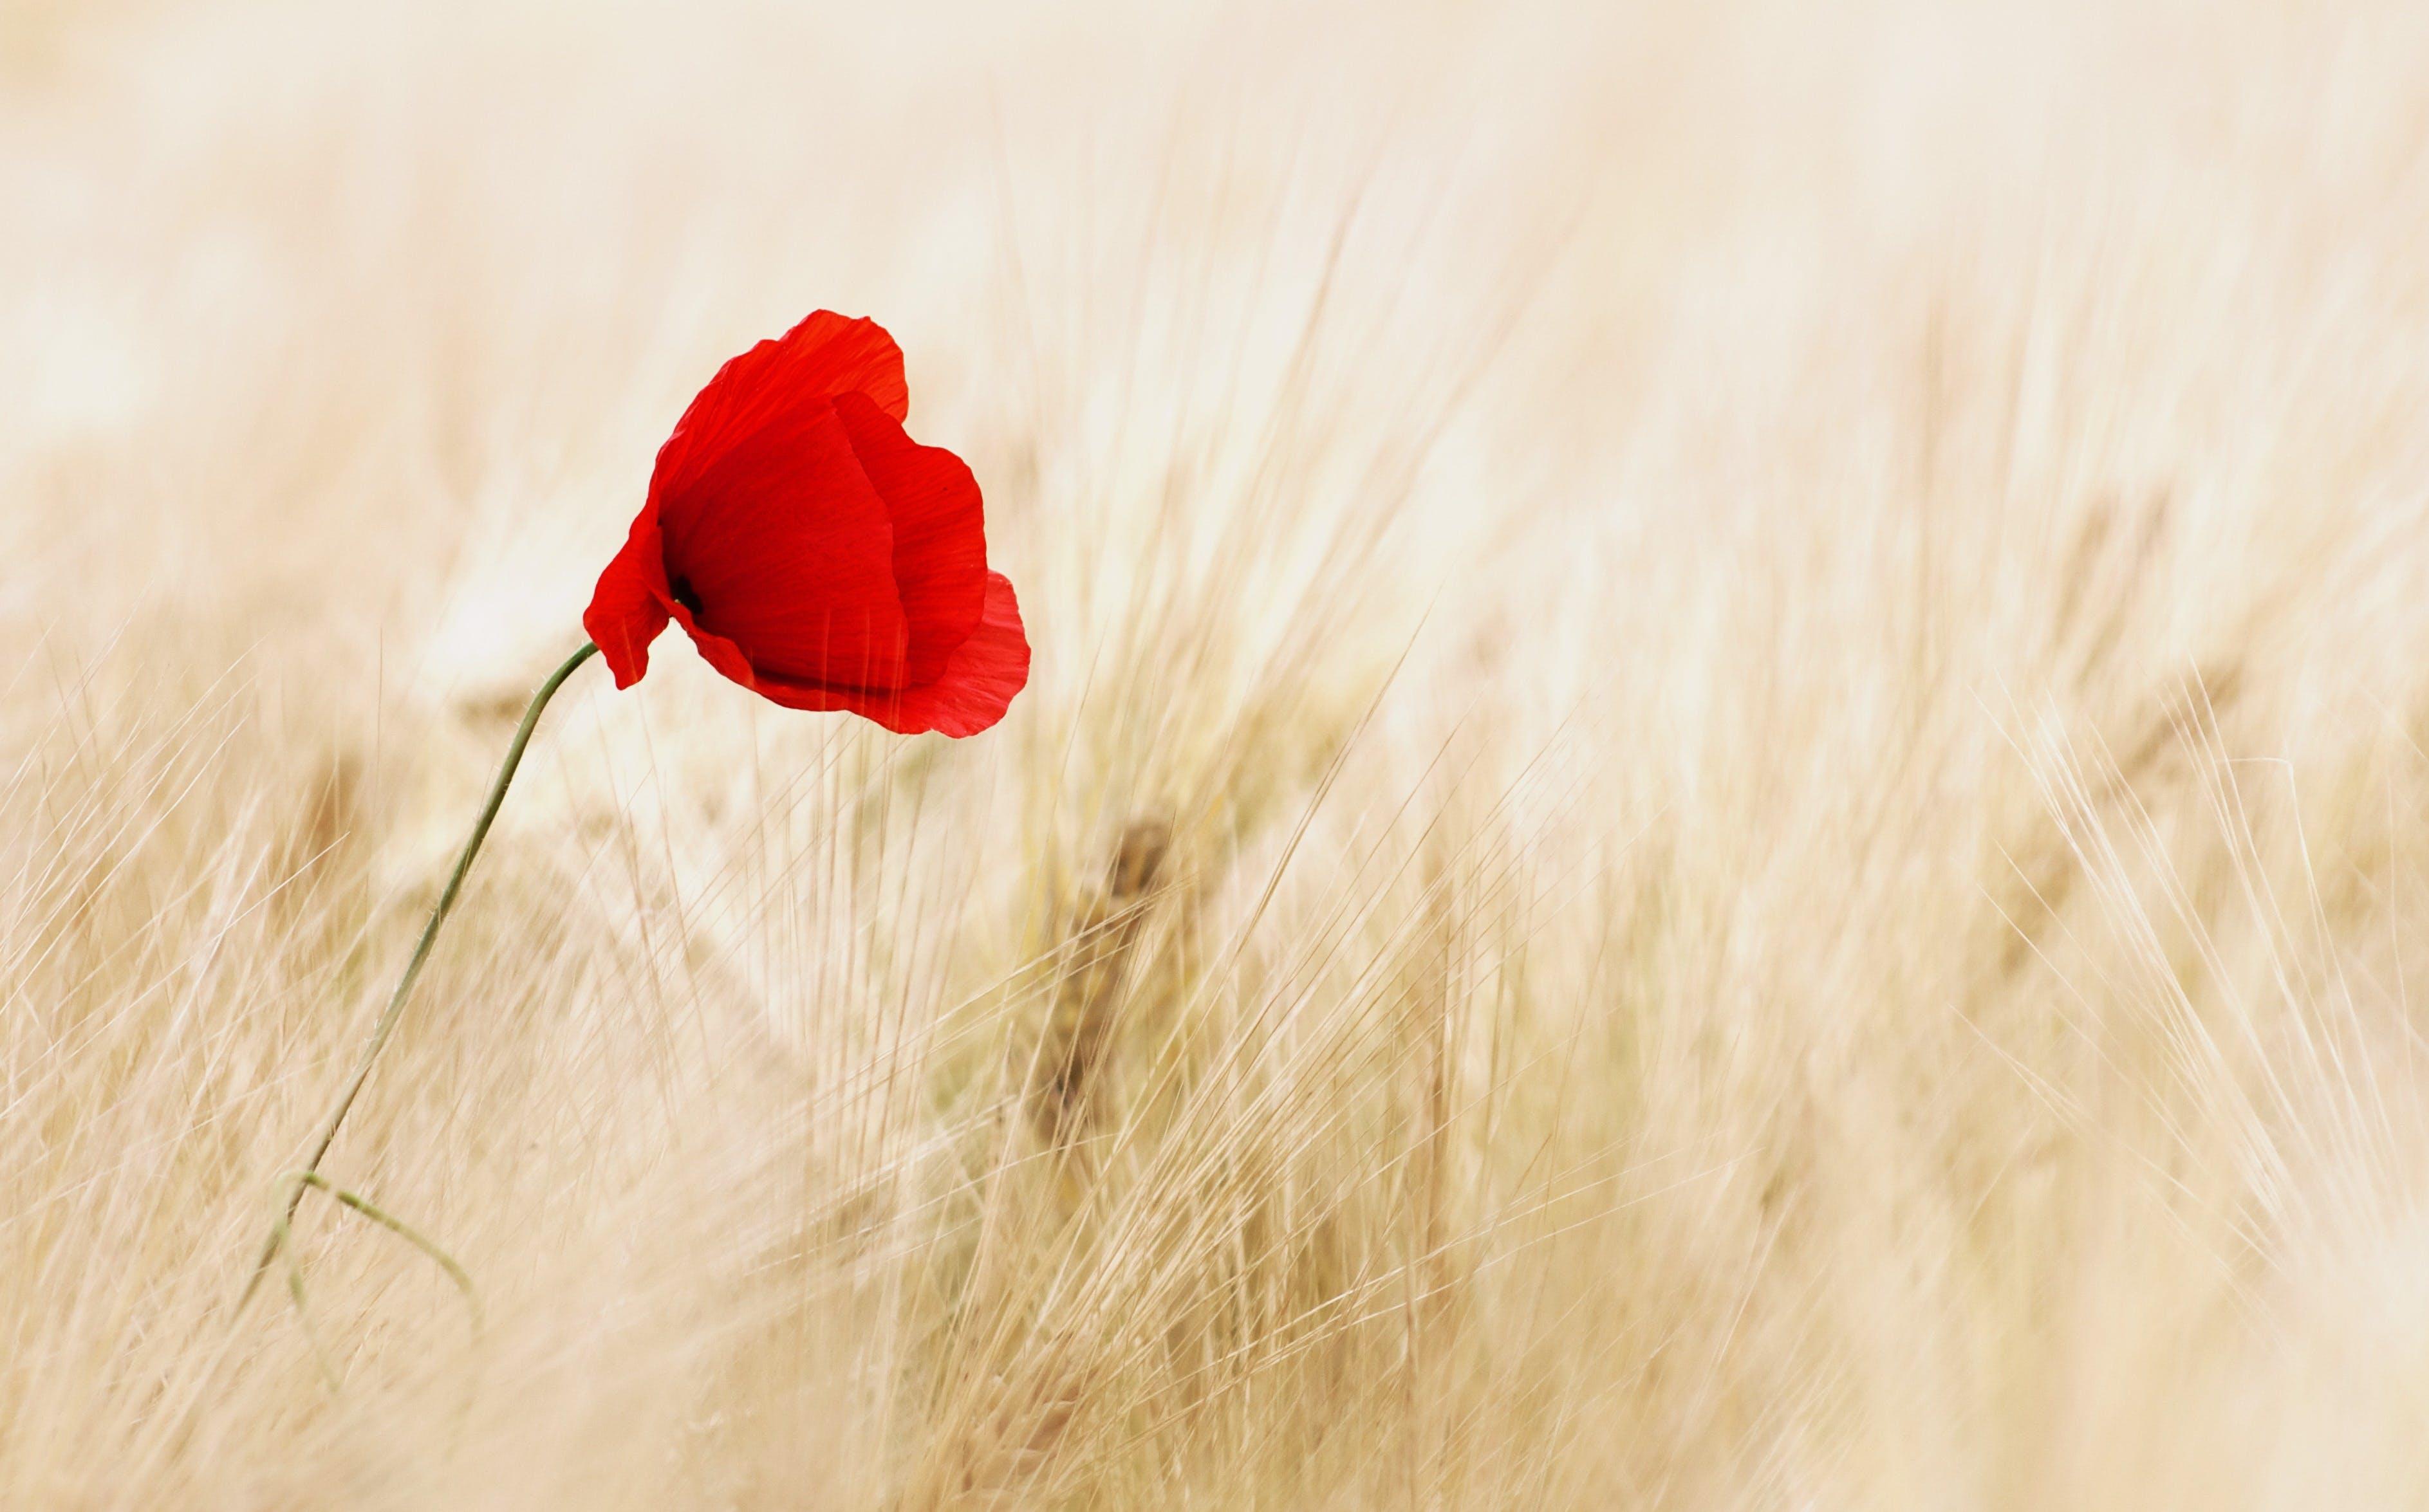 flóra, HD tapeta, hřiště